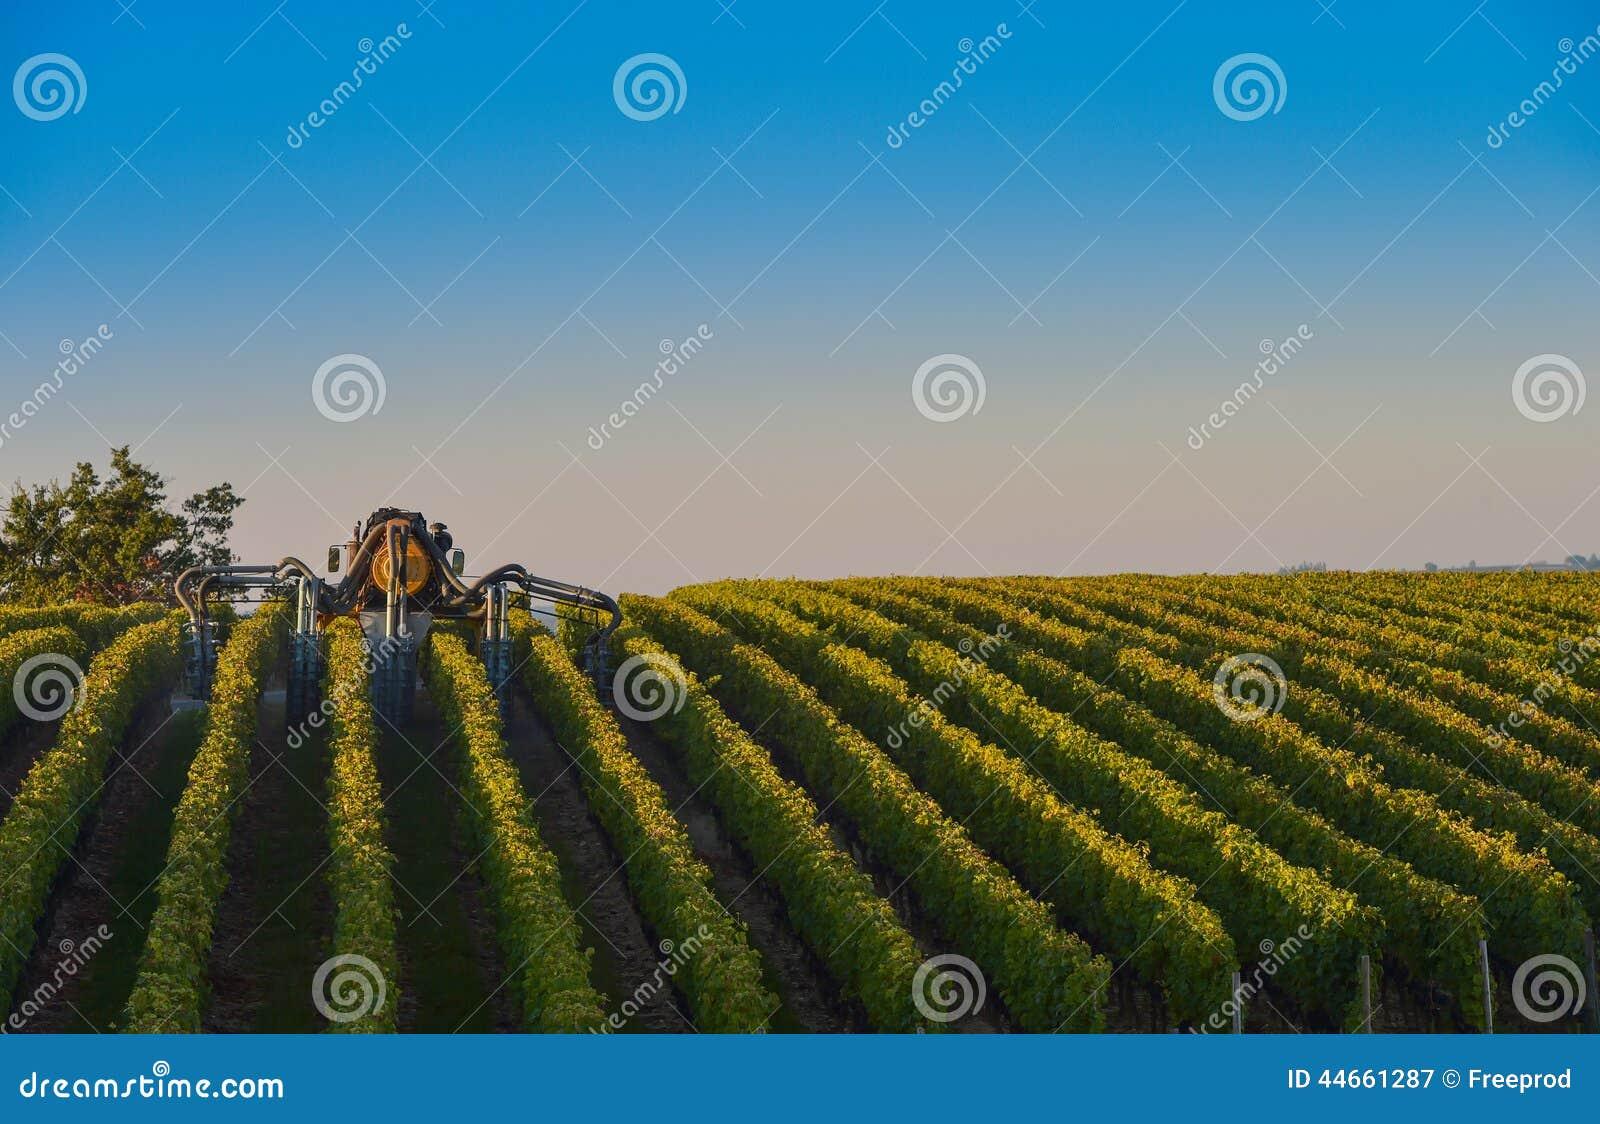 Paysage pulv risation de vignoble des sud de vigne for Agence paysage de l ouest